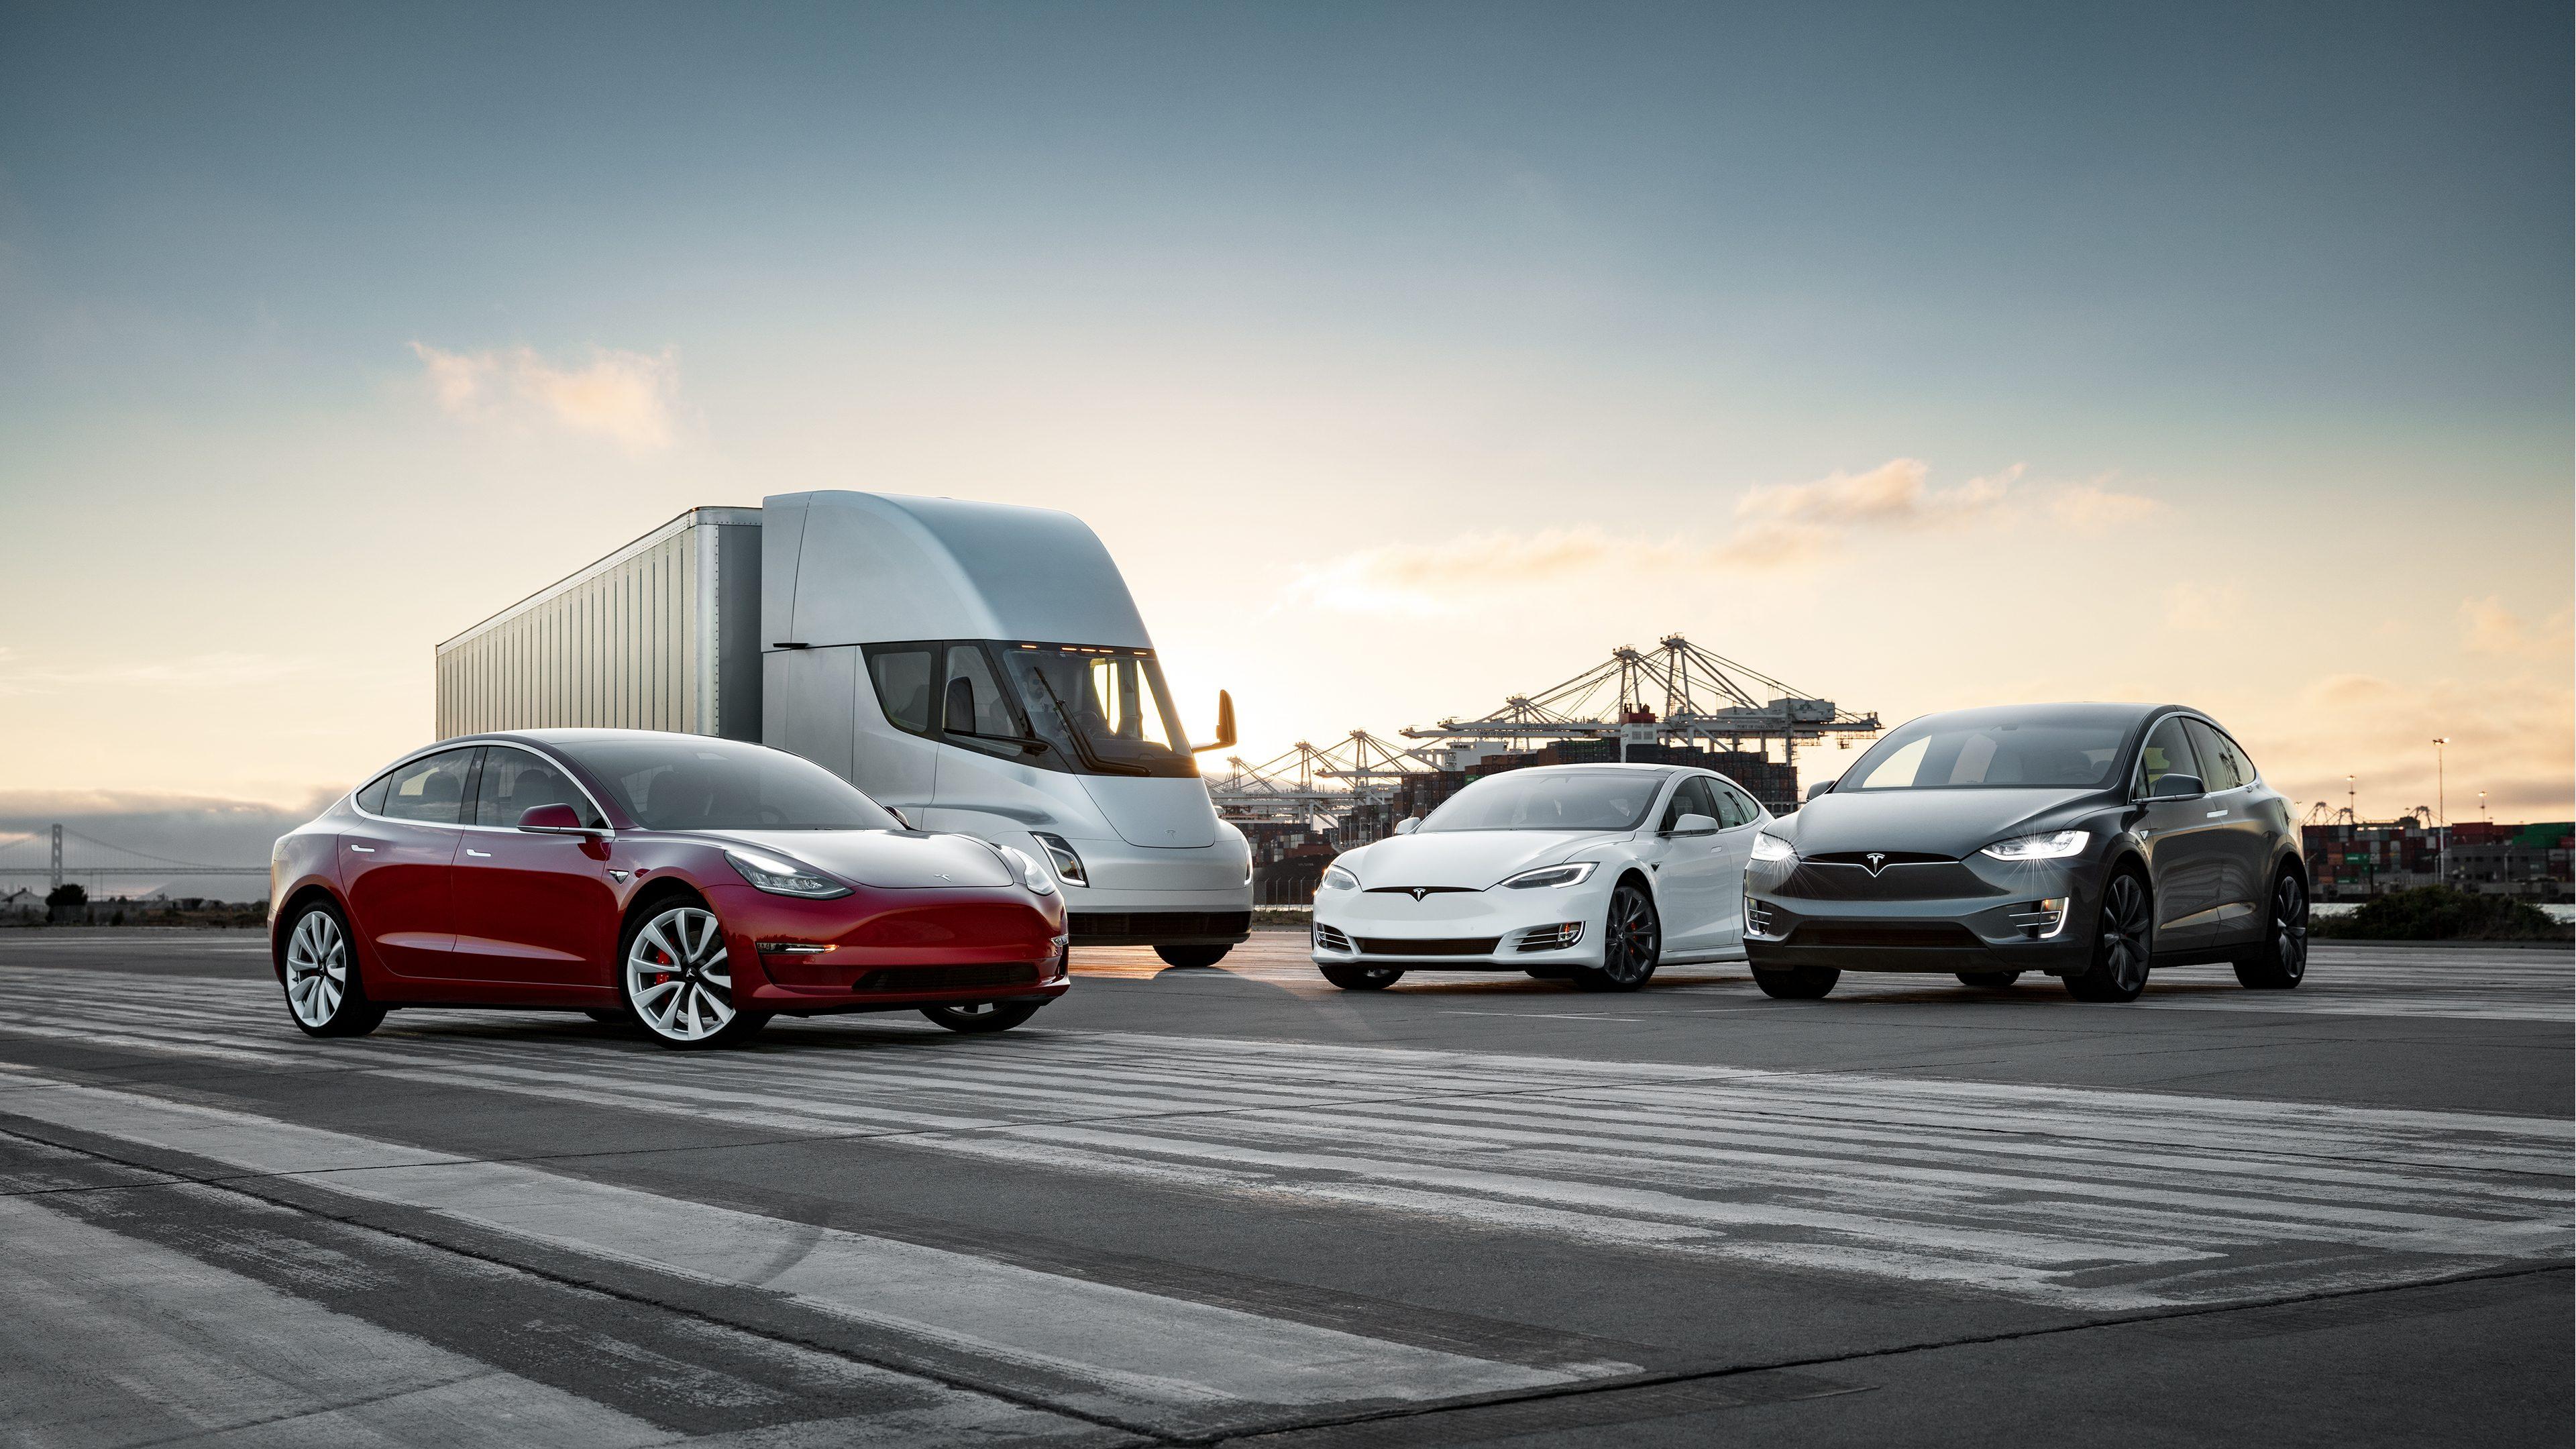 Tesla bat encore son record de livraisons trimestrielles grâce à la Model 3